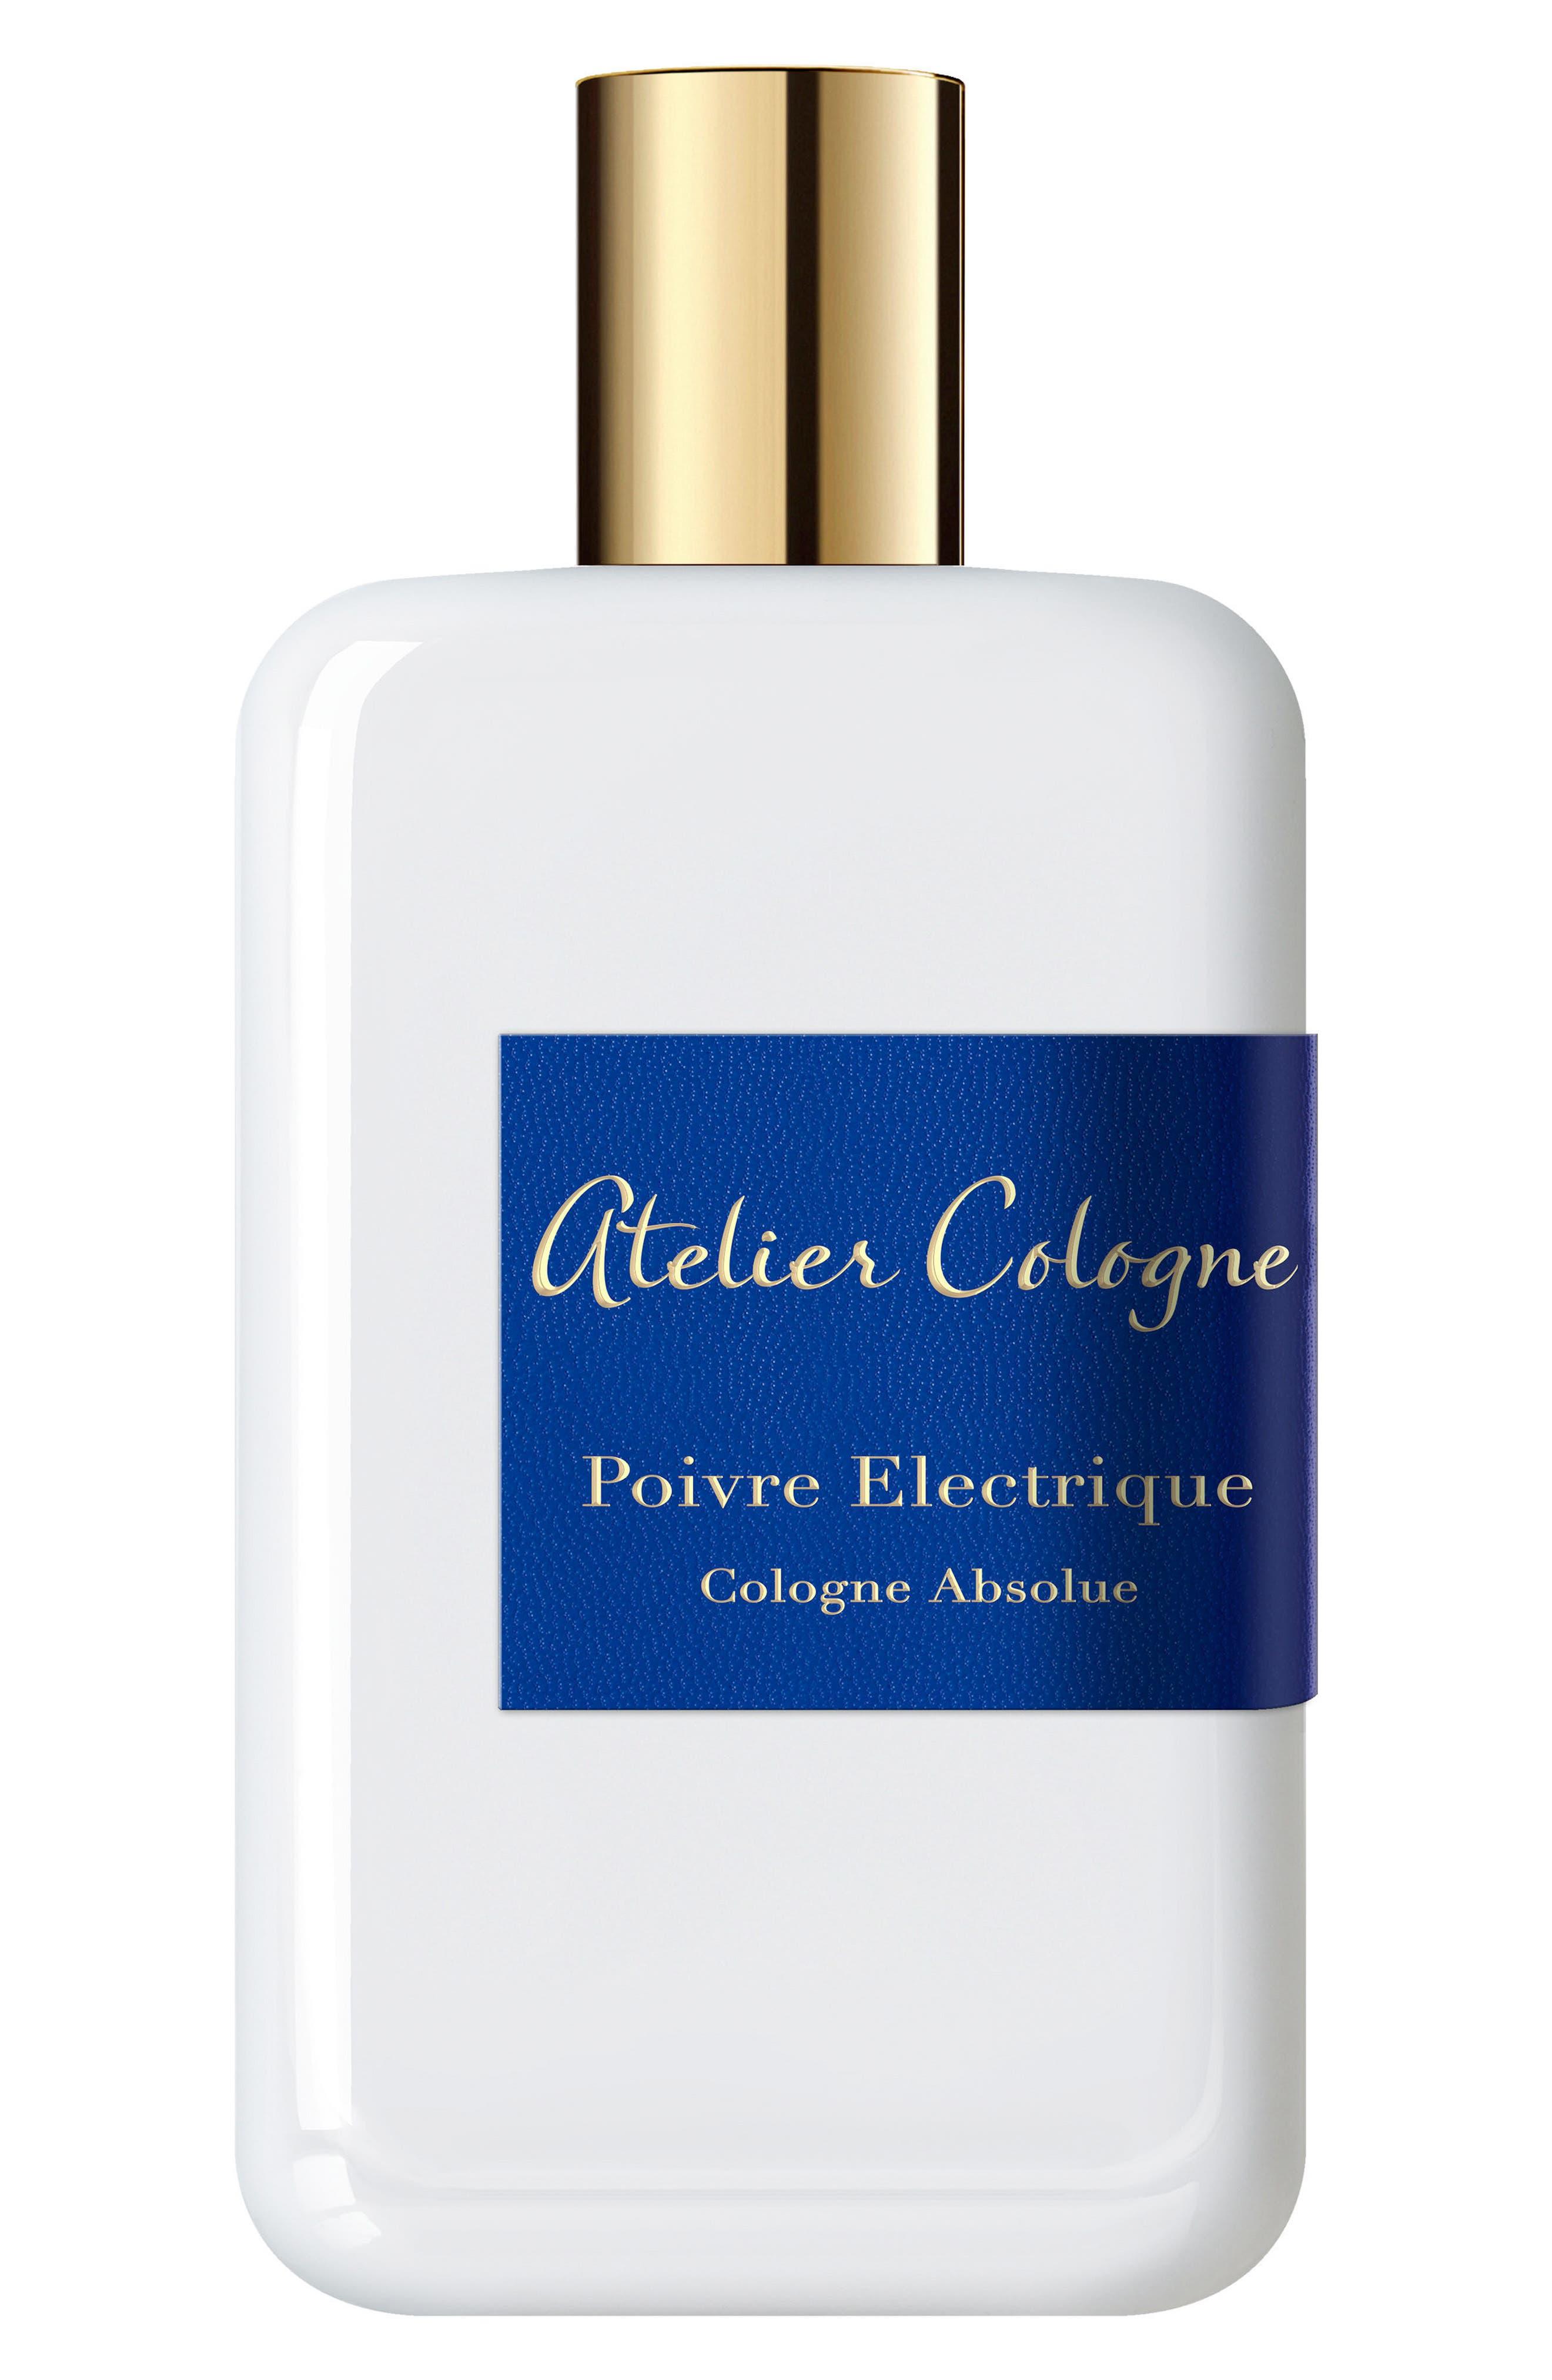 Atelier Cologne Poivre Electrique Cologne Absolue